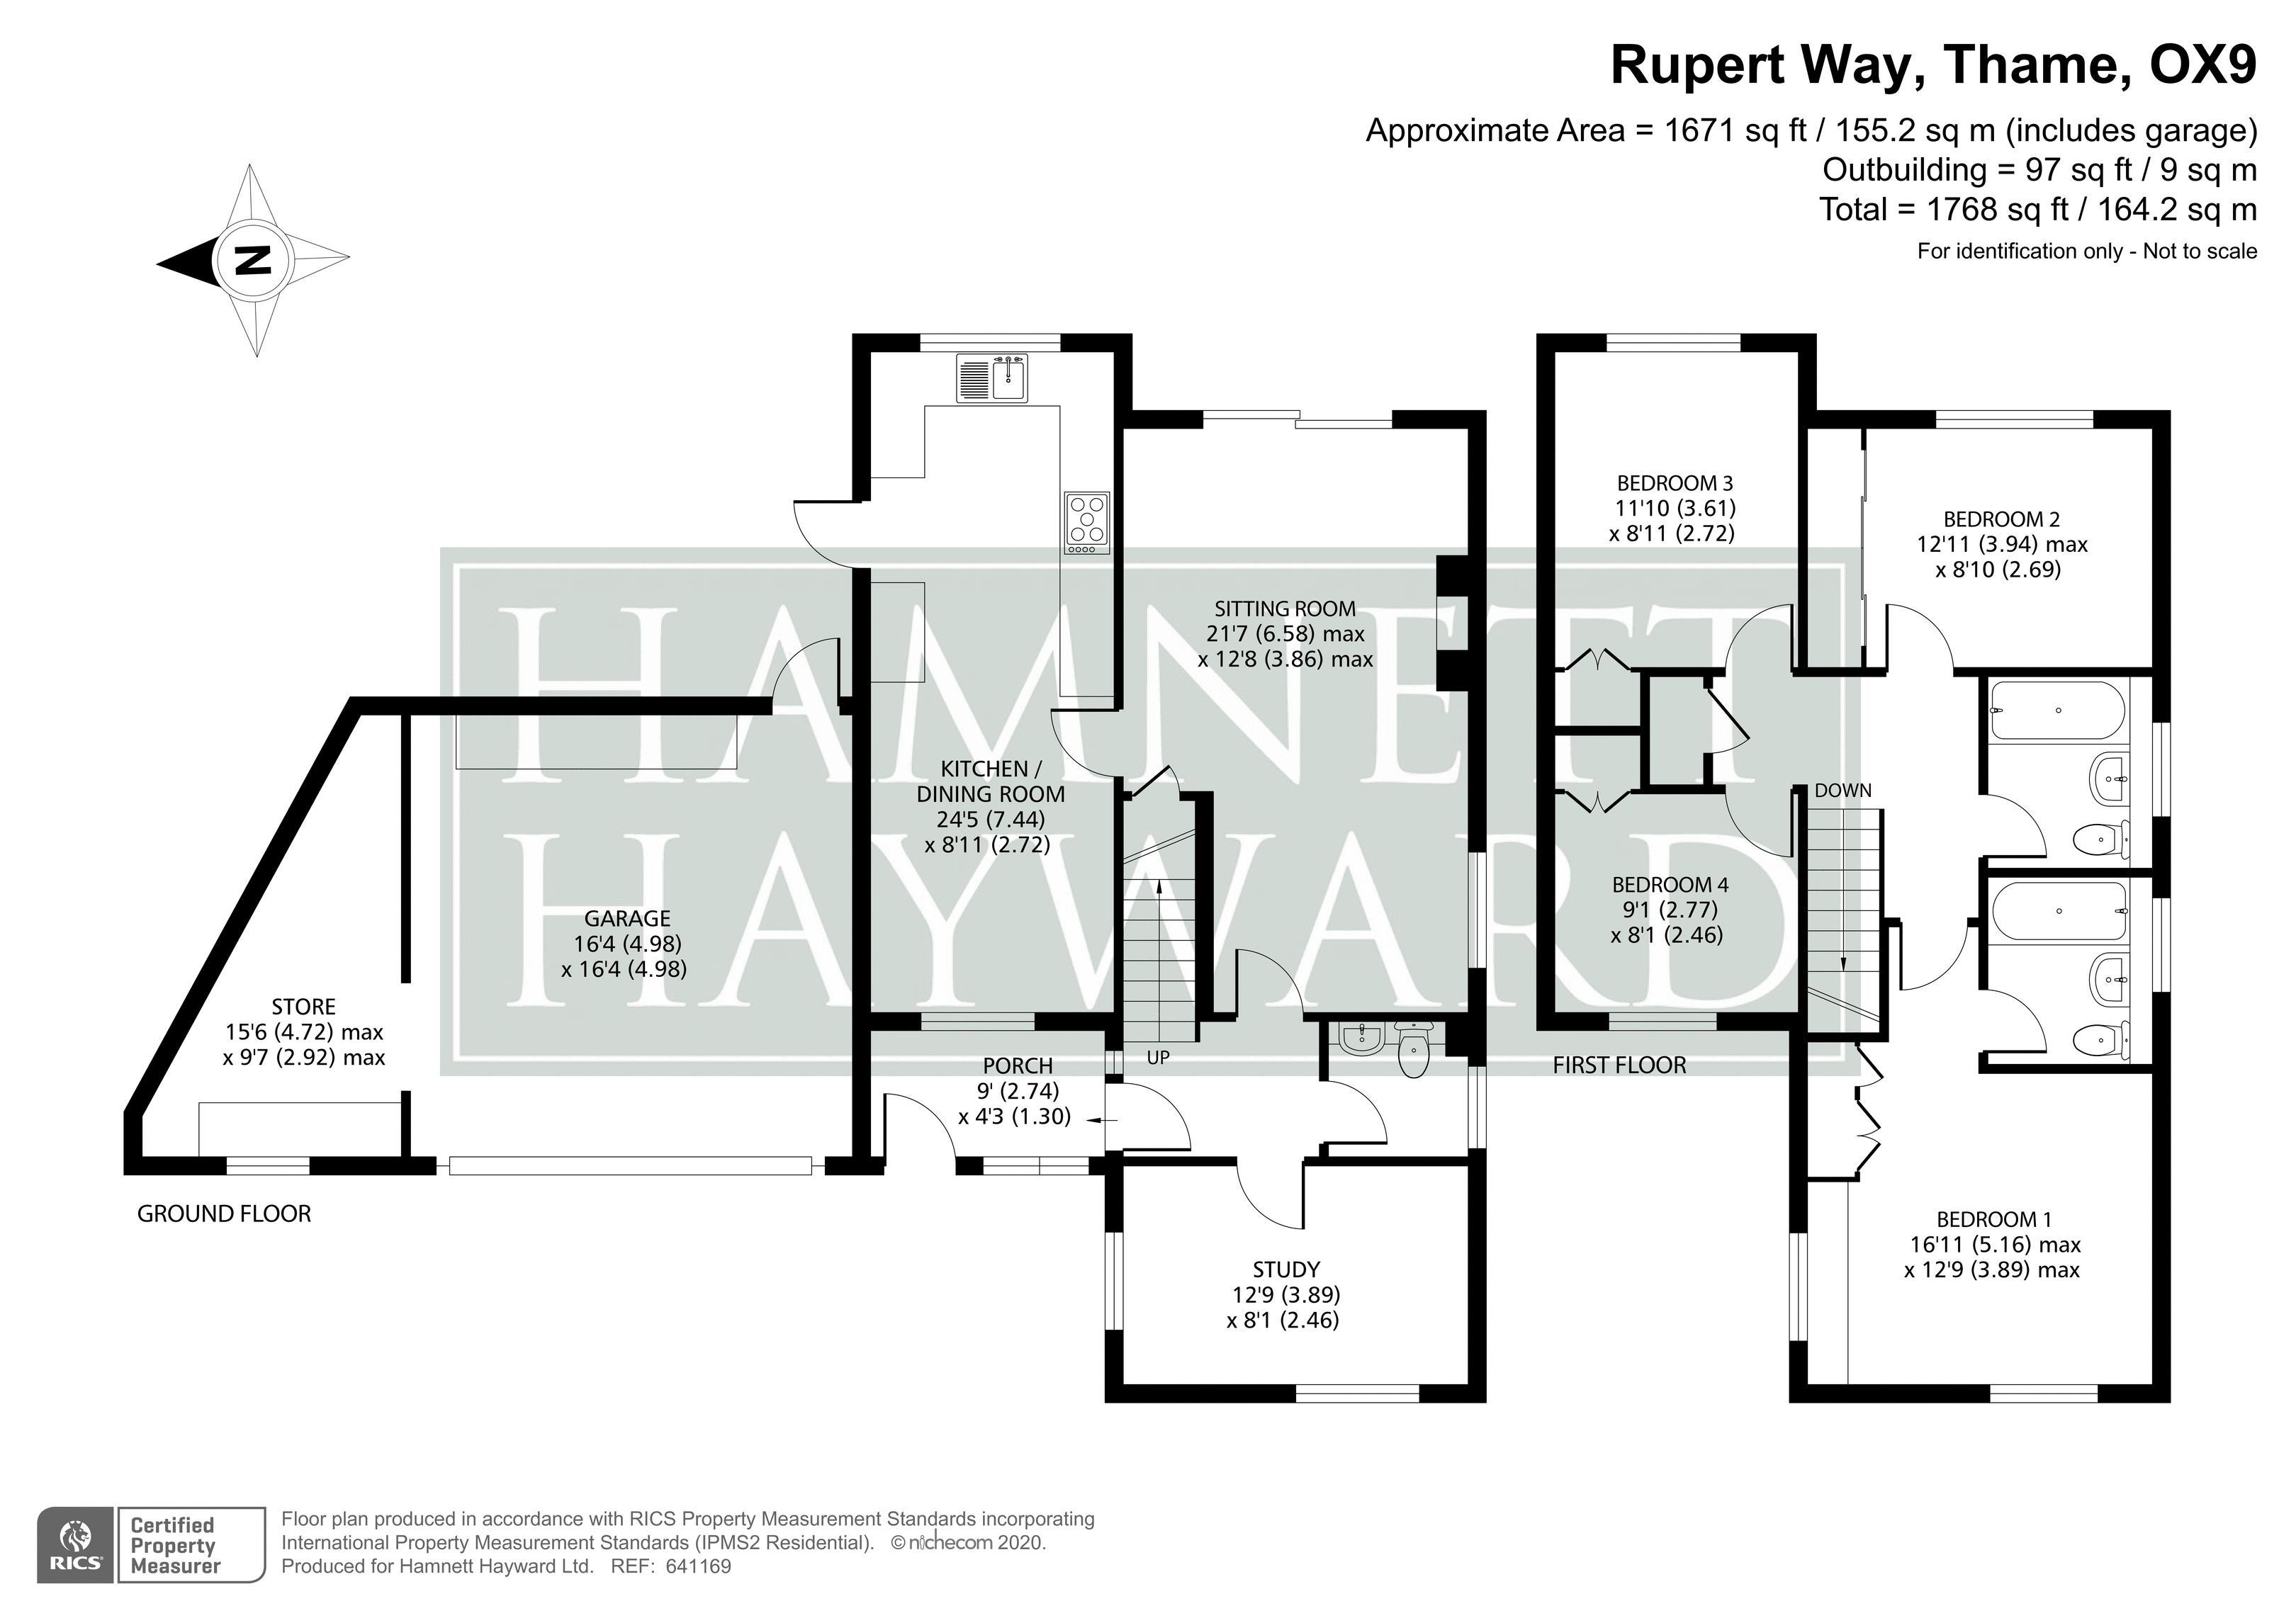 Rupert Way